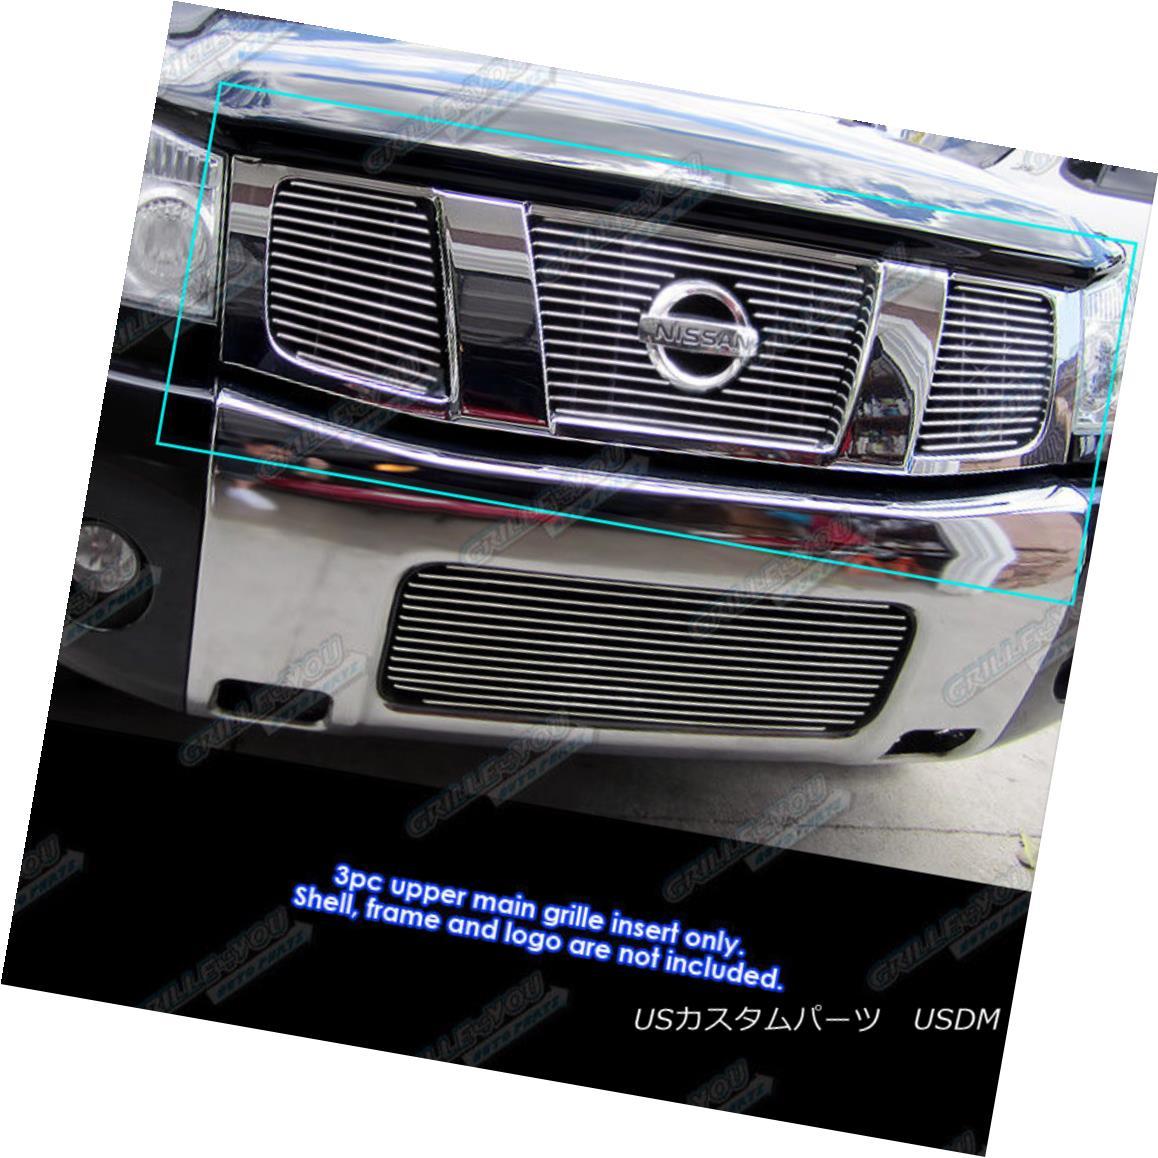 グリル Fits 2004-2007 Nissan Titan/ Armada Main Upper Billet Grille Insert 2004-2007 Nissan Titan / Armadaメインアッパービレットグリルインサート